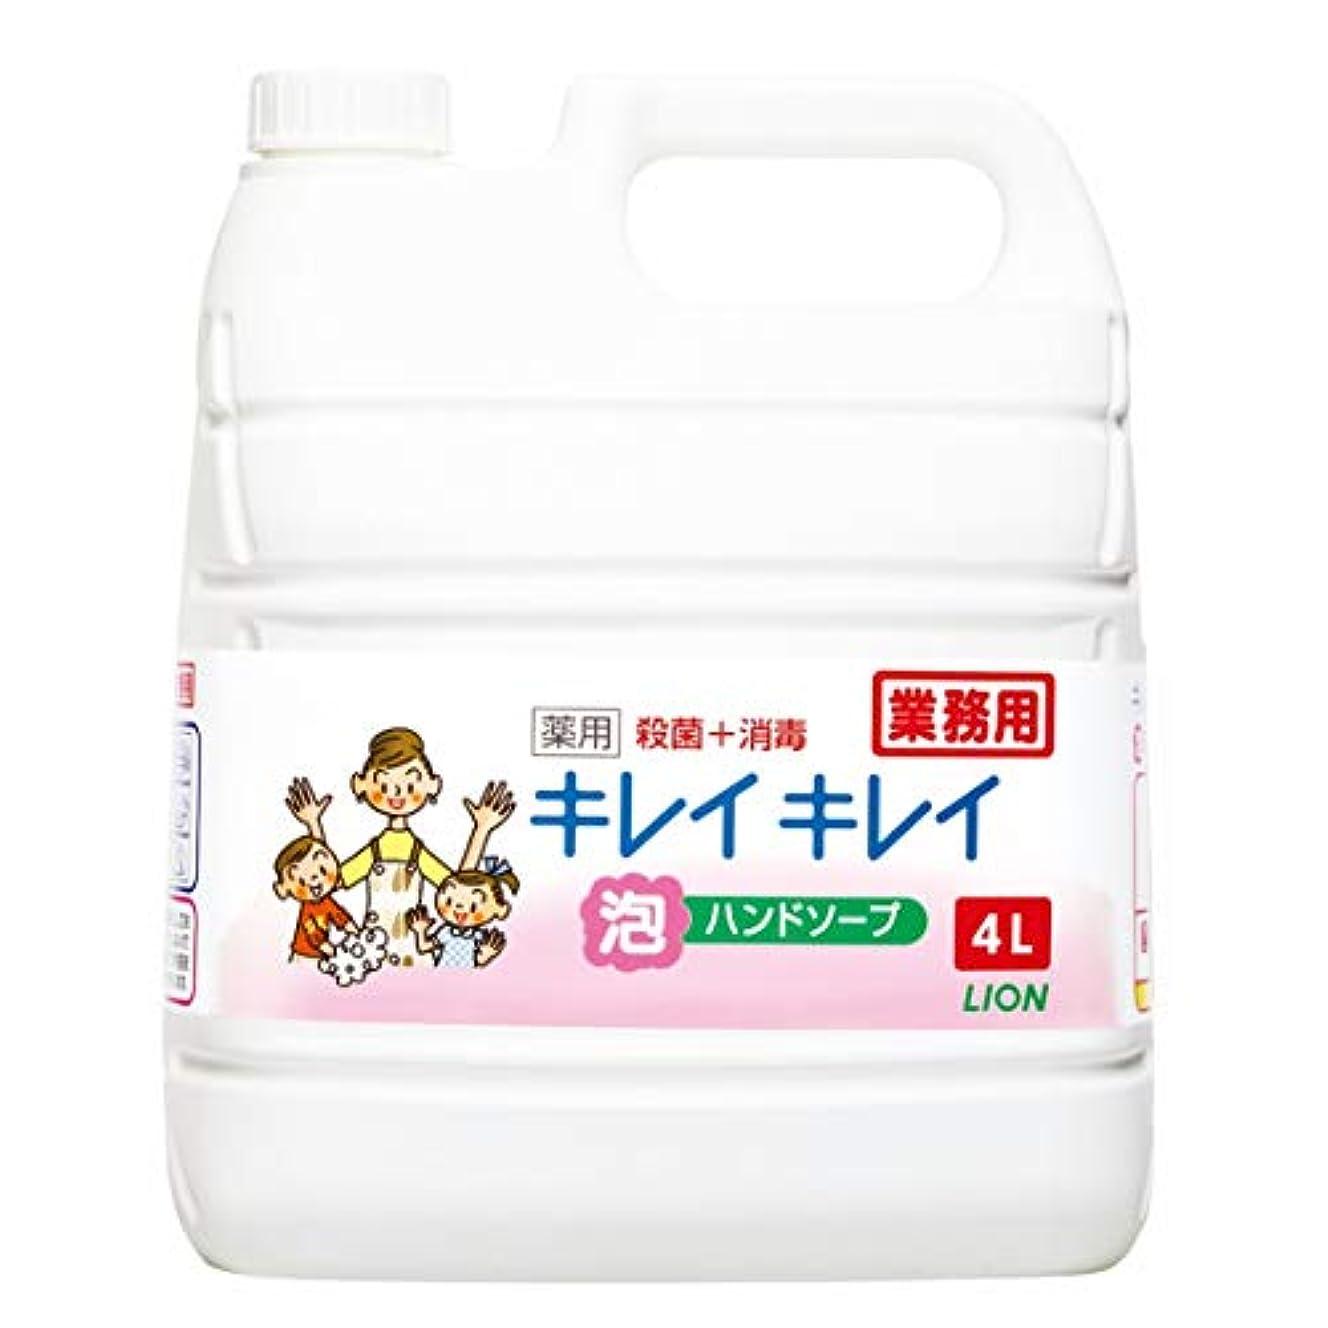 考える不健全やがて【業務用 大容量】キレイキレイ 薬用 泡ハンドソープ シトラスフルーティの香り 液体 単品 4L(医薬部外品)